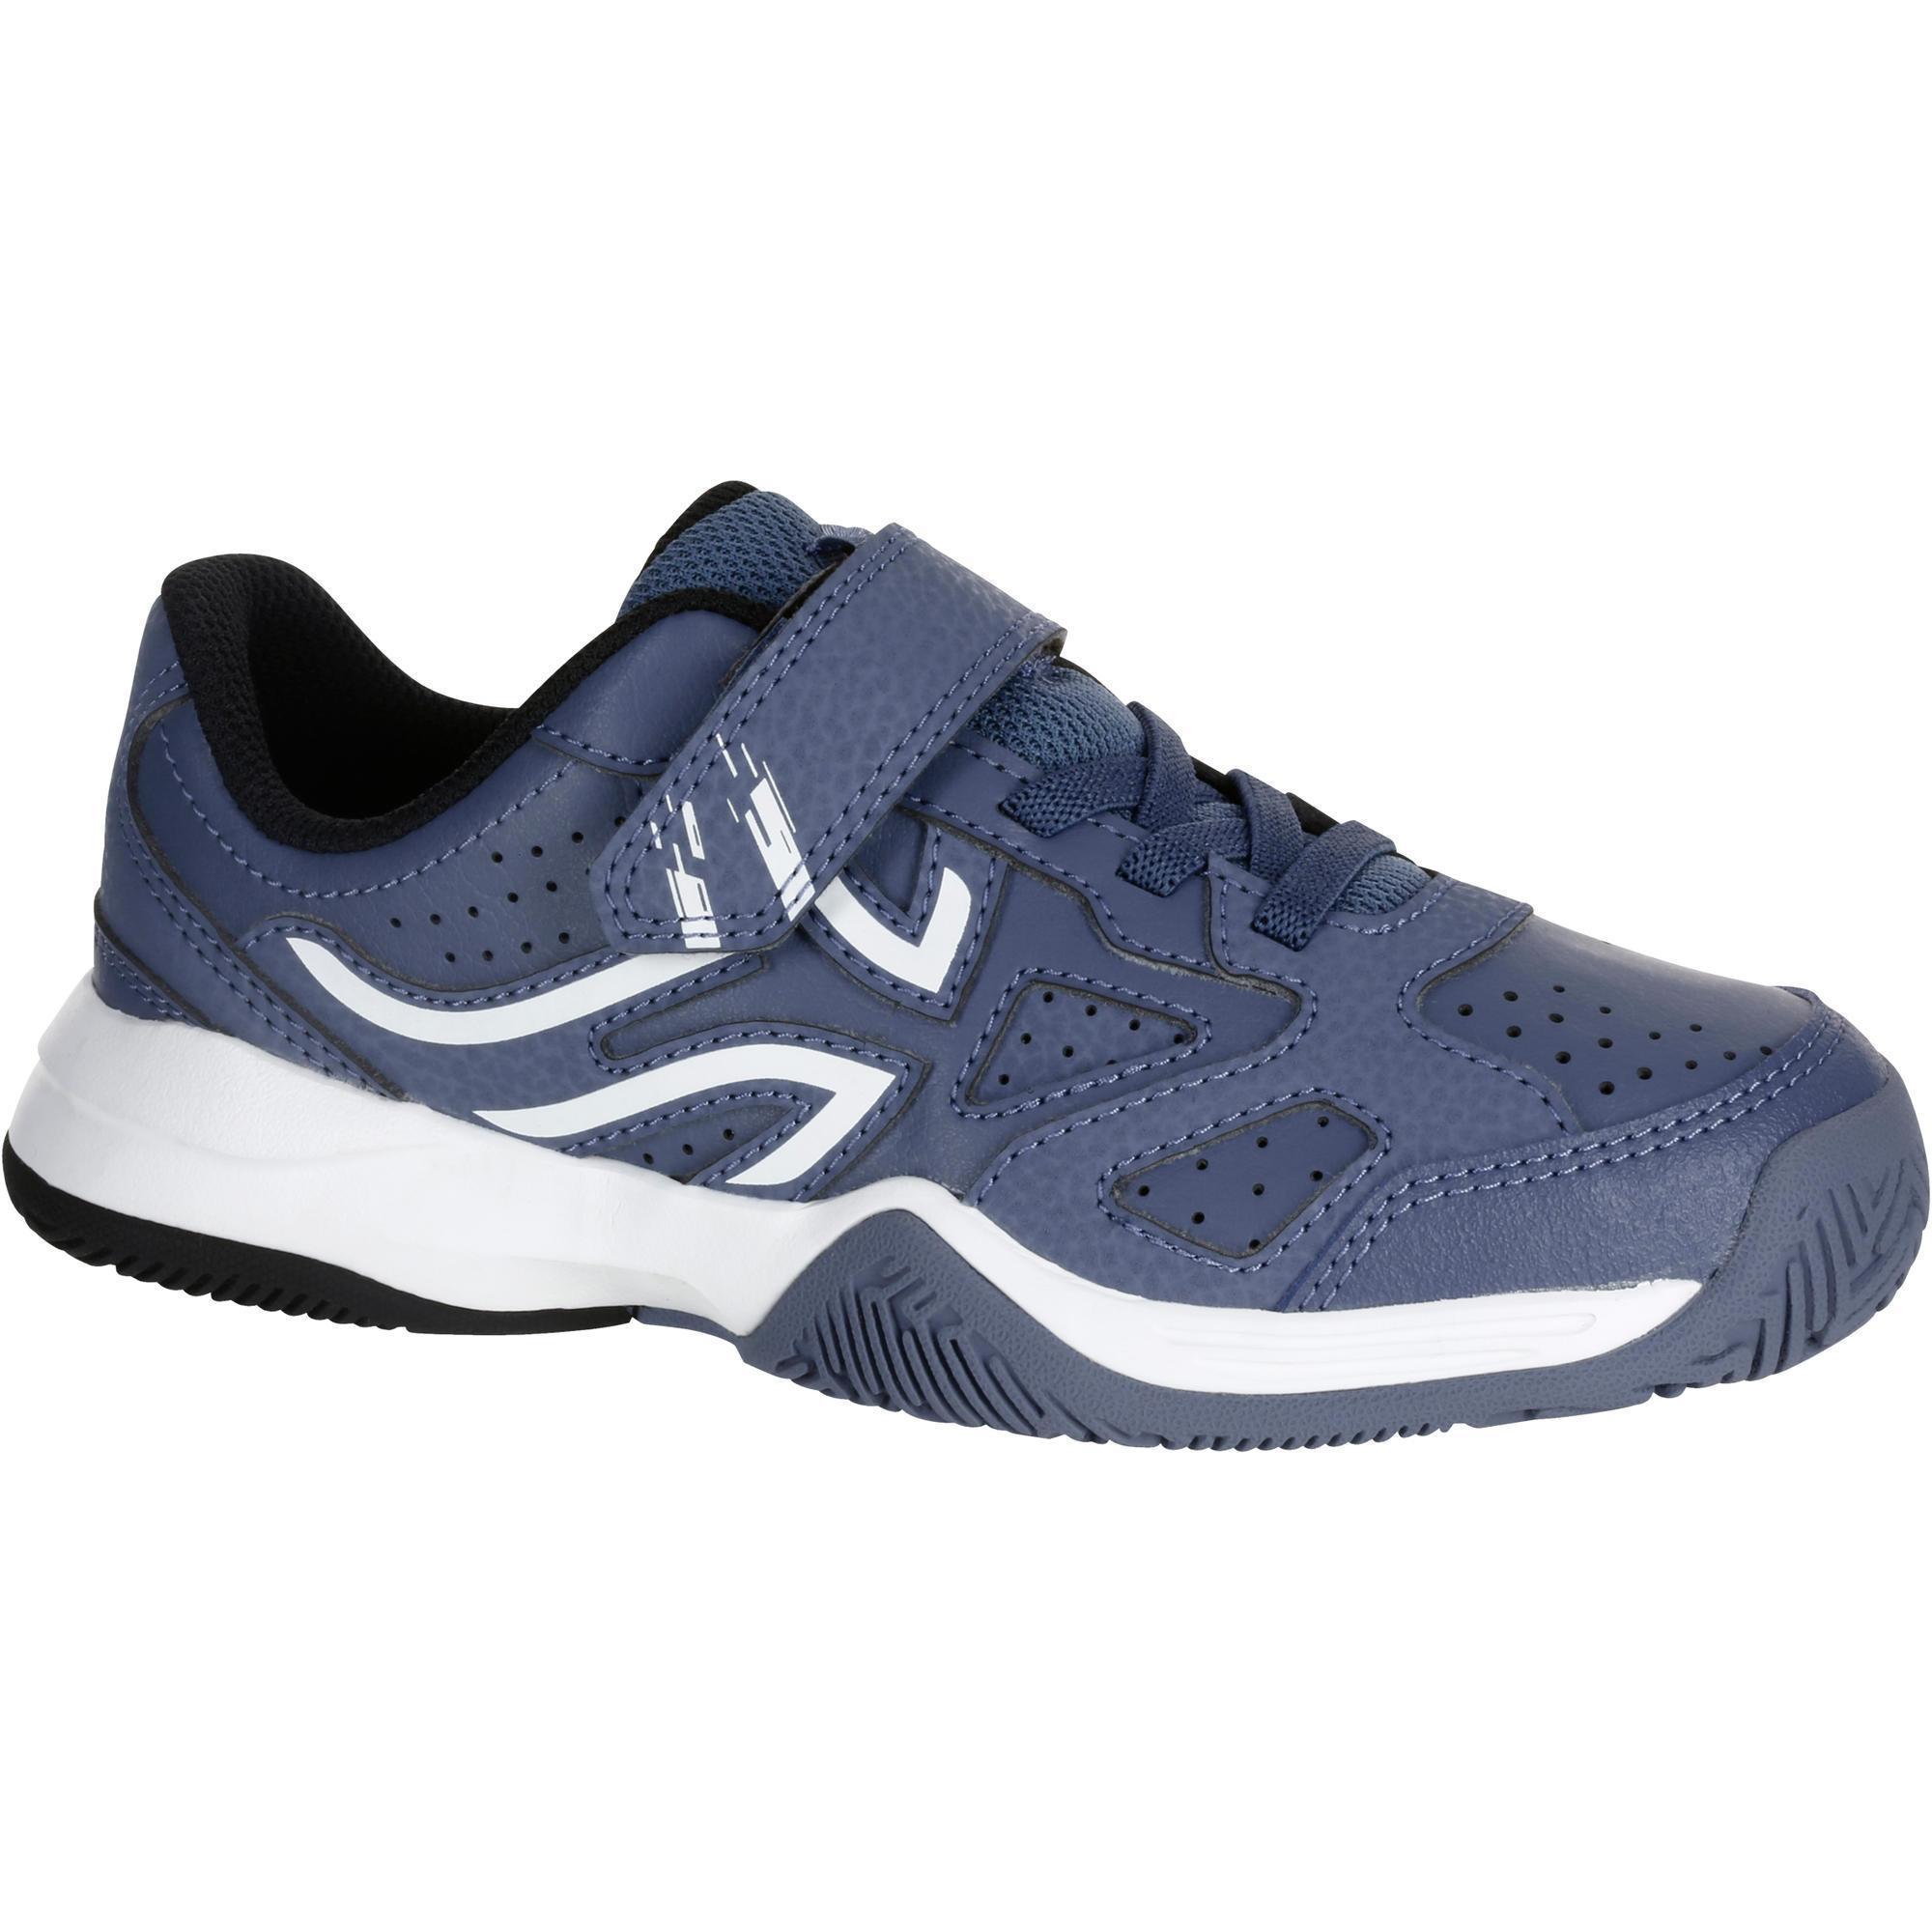 Chaussure de tennis enfant artengo ts530 gris artengo - Chaussure enfant decathlon ...